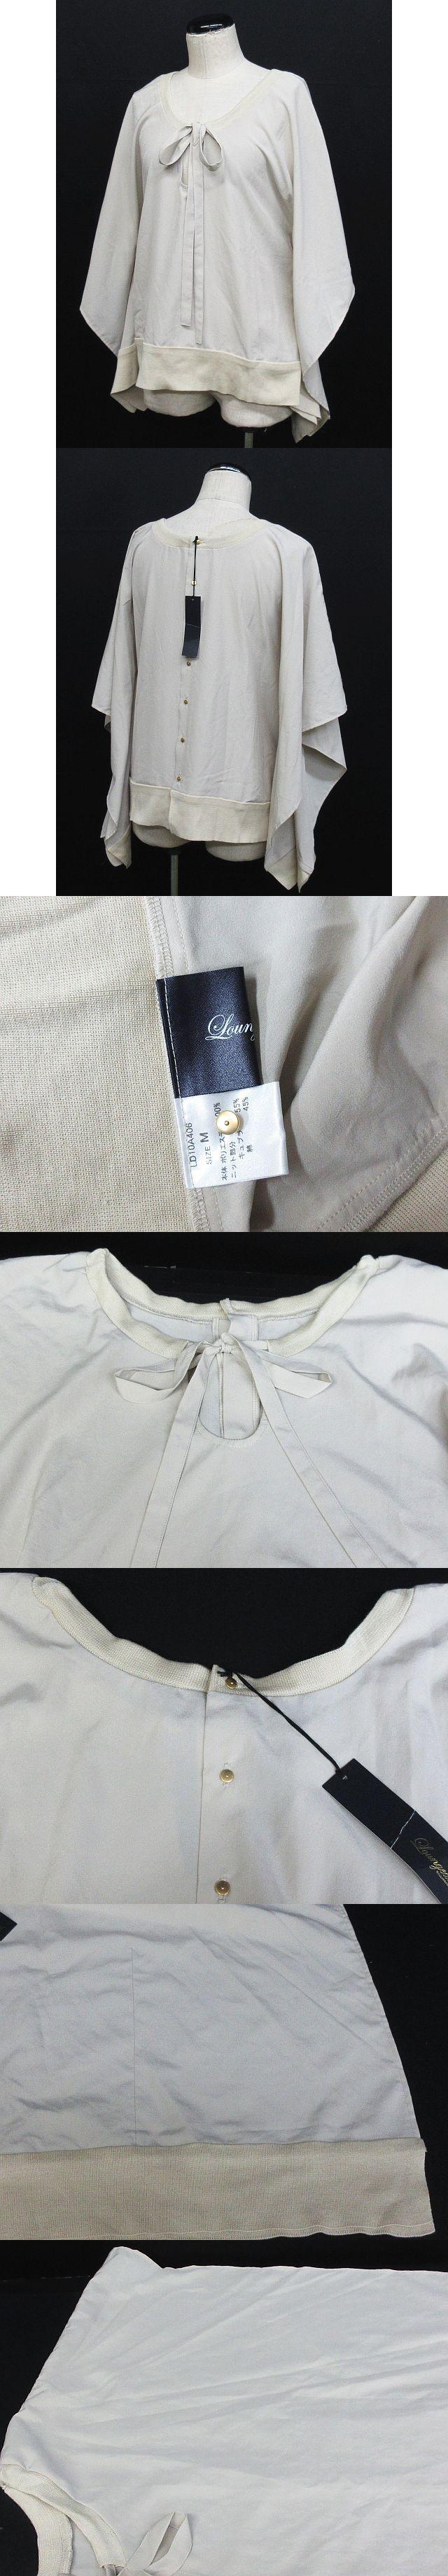 カットソー プルオーバー シフォン リボン ベージュ系 M ※KM-3887 ※01